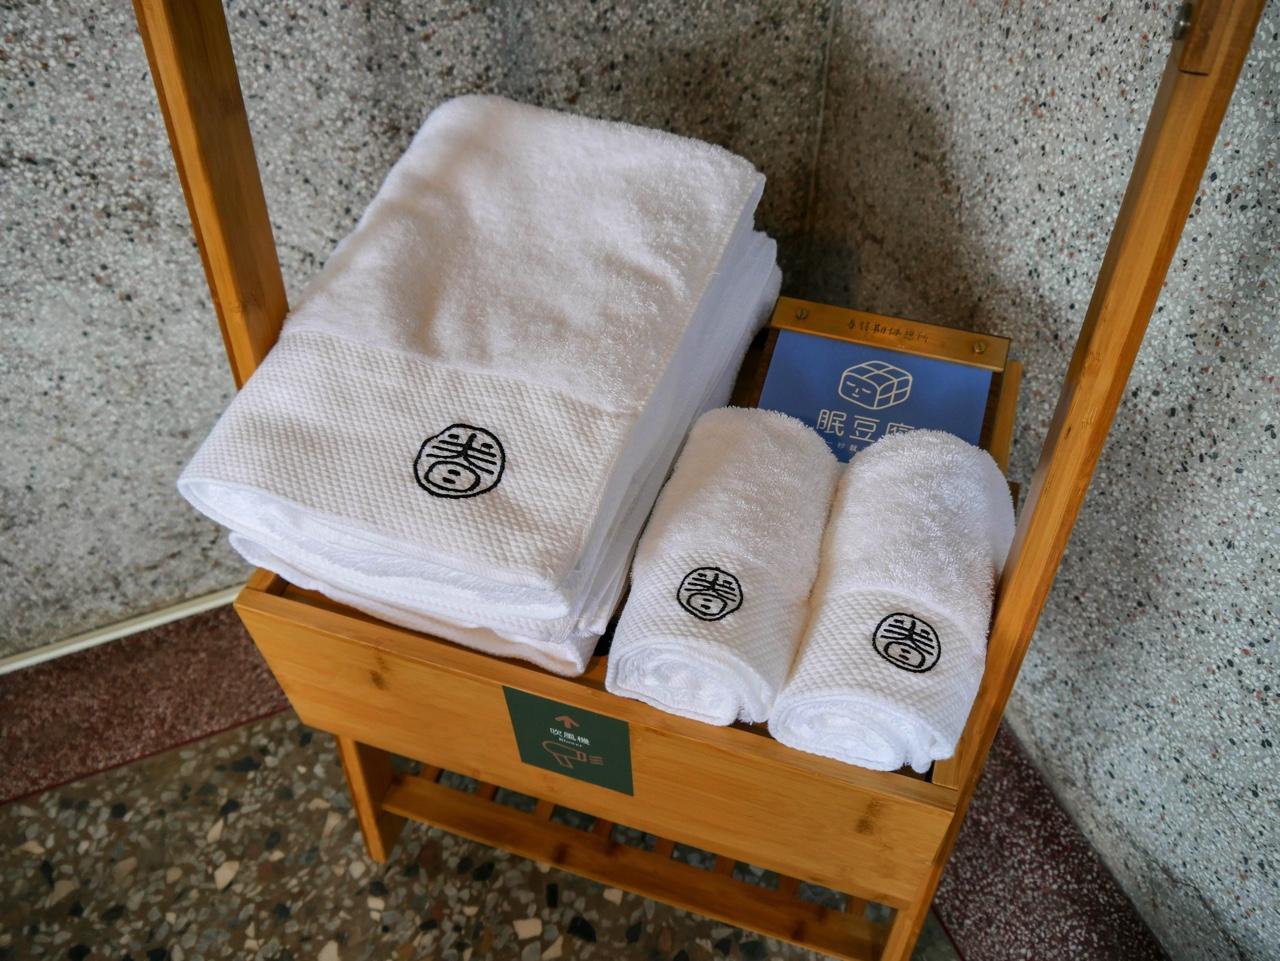 眷待期休憩所のロゴが入ったバスタオルとフェイスタオル